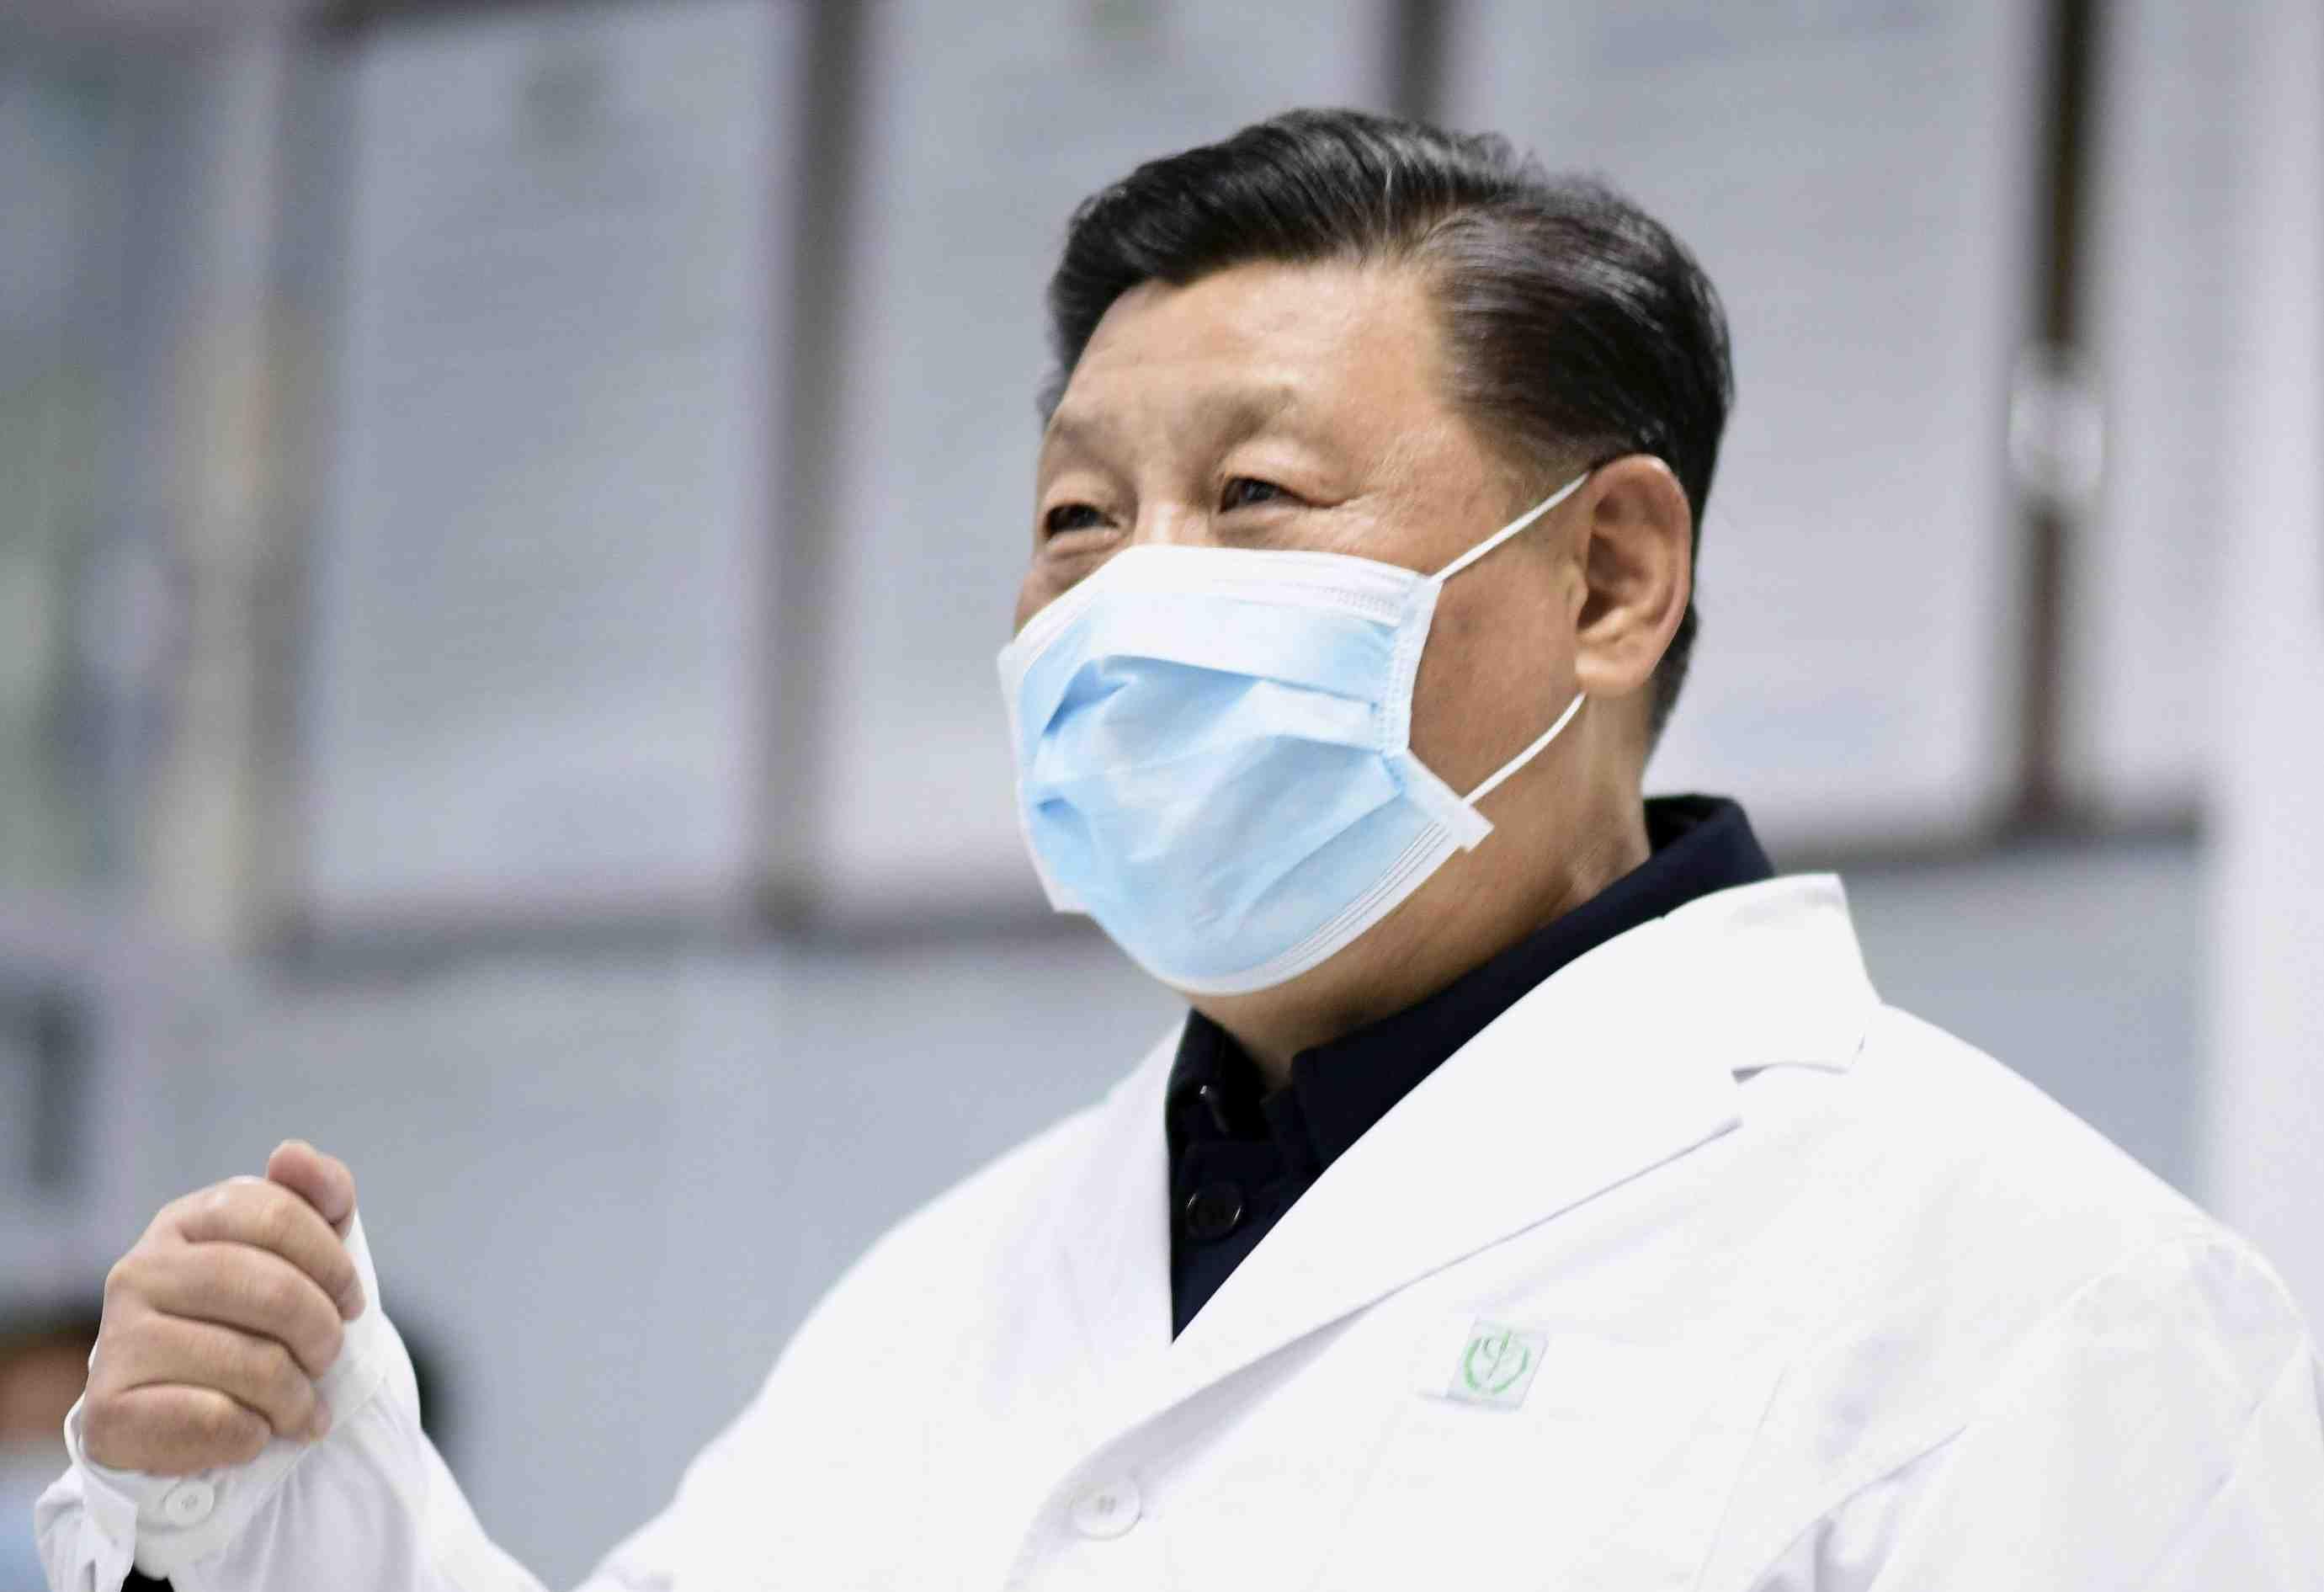 China Coronavirus and Xi Jinping Mask 001